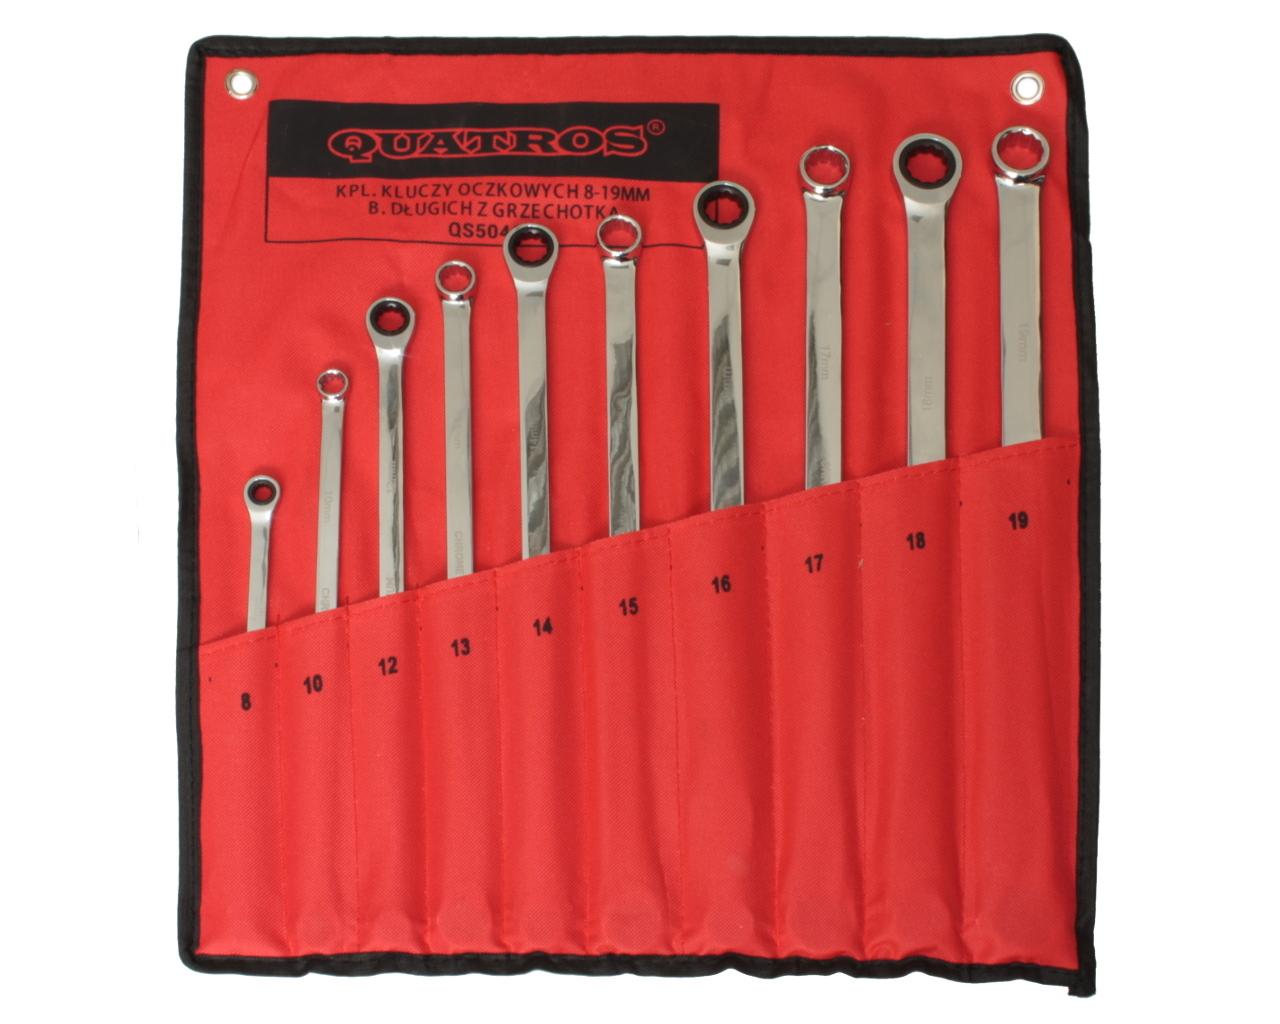 Očkové klíče s ráčnou, 8 - 19 mm, extra dlouhé, sada 10 kusů - QUATROS QS50465